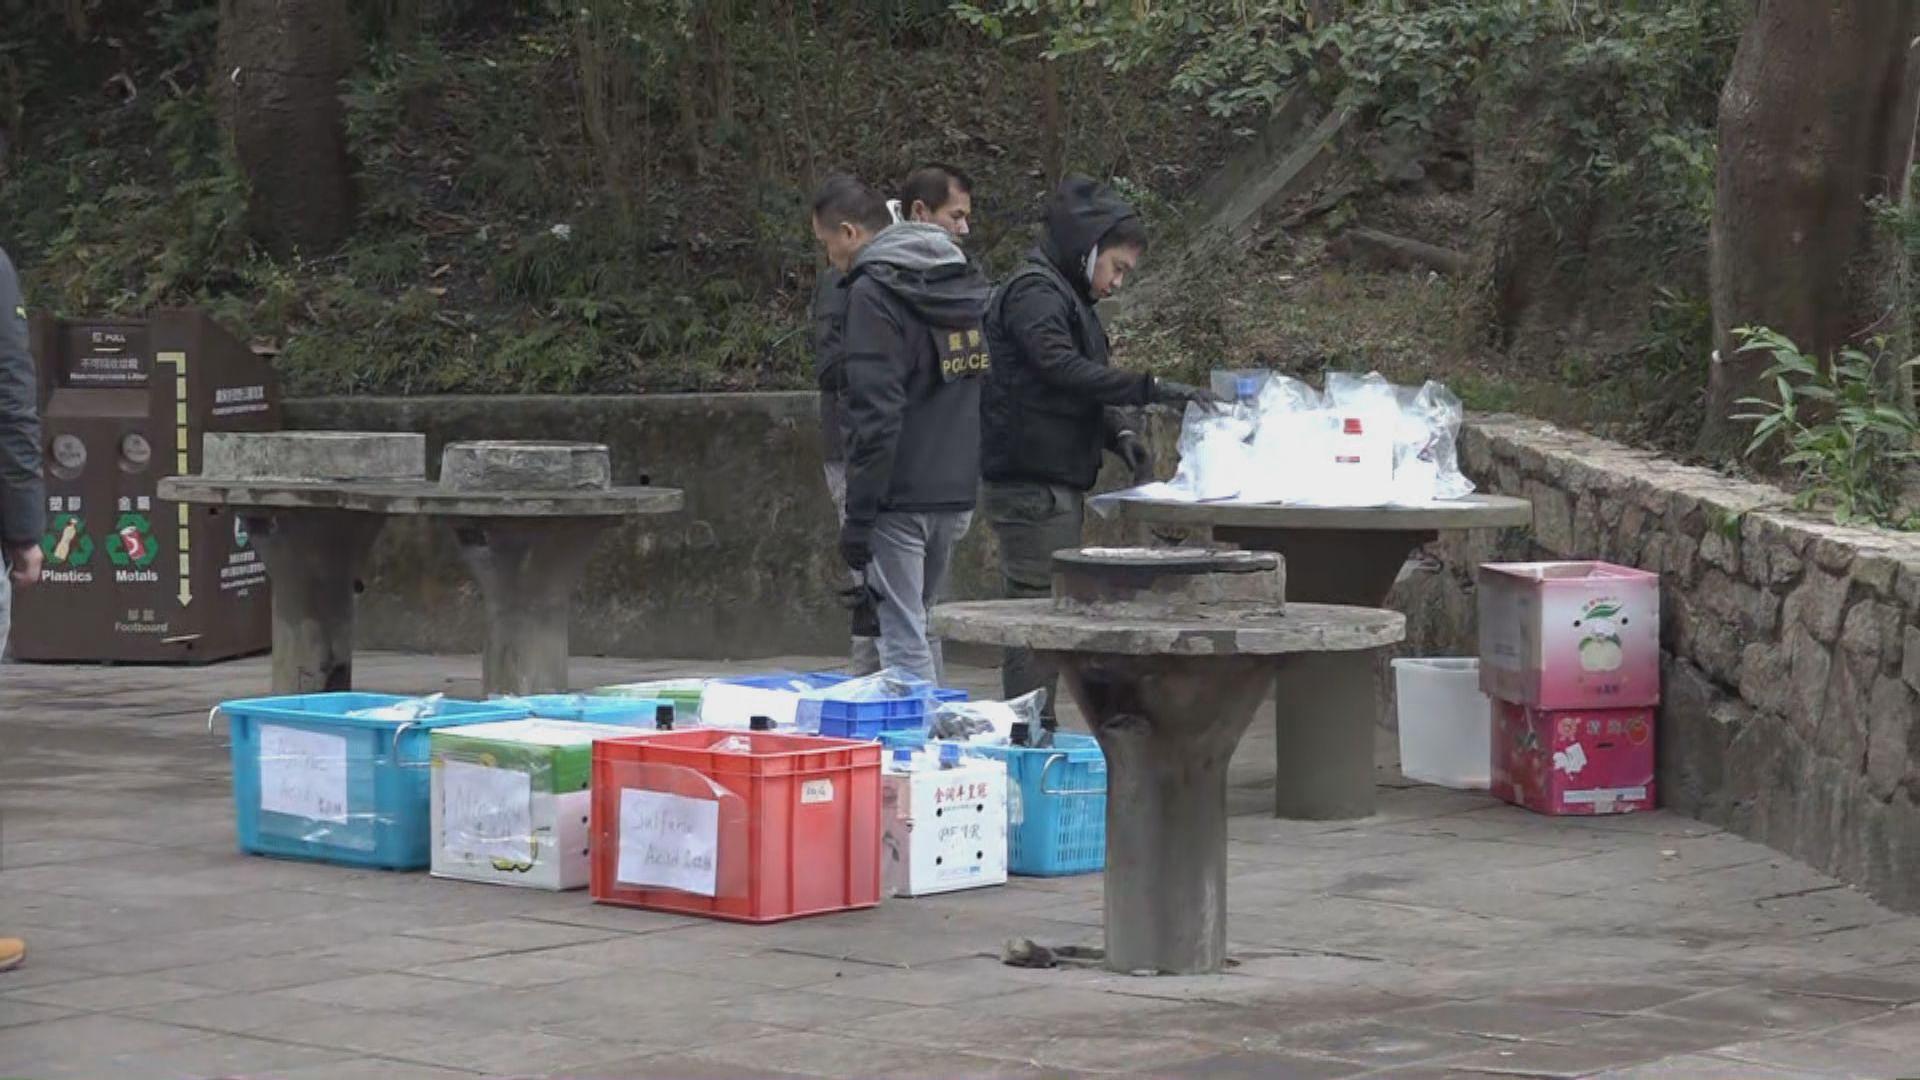 荃灣城門郊野公園發現大量懷疑化學品